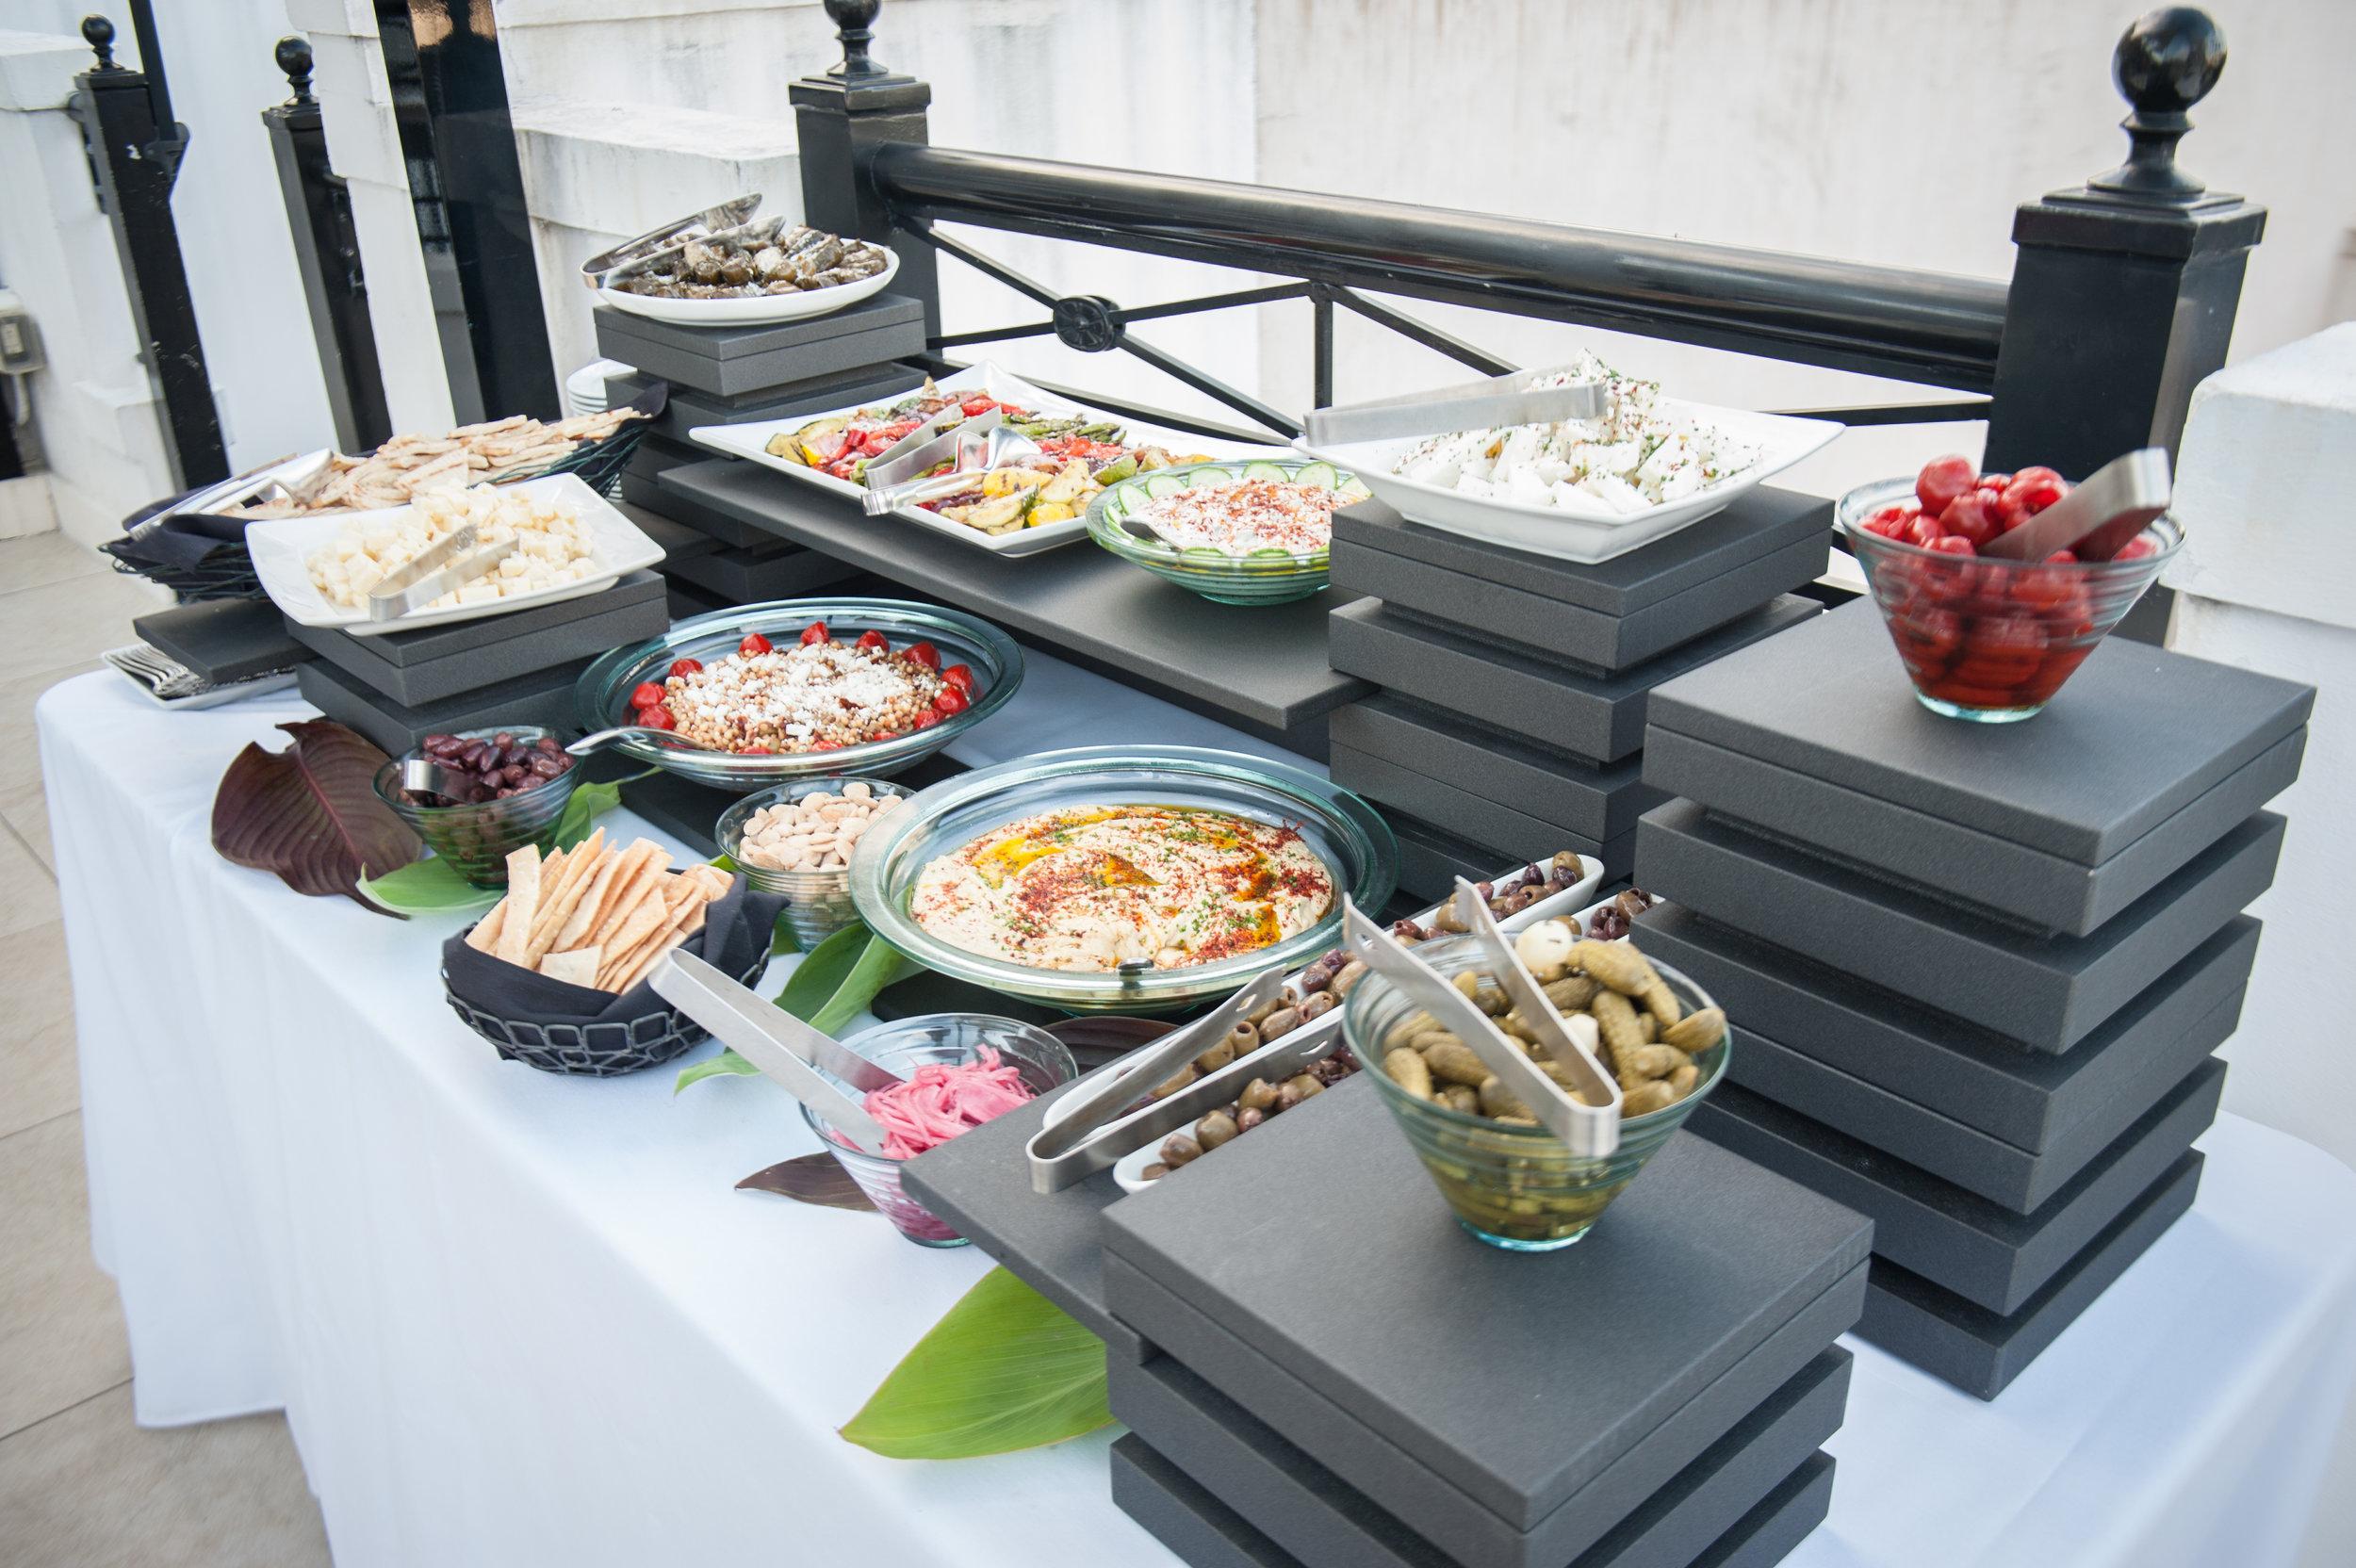 DSC_0012-4 Food.jpg